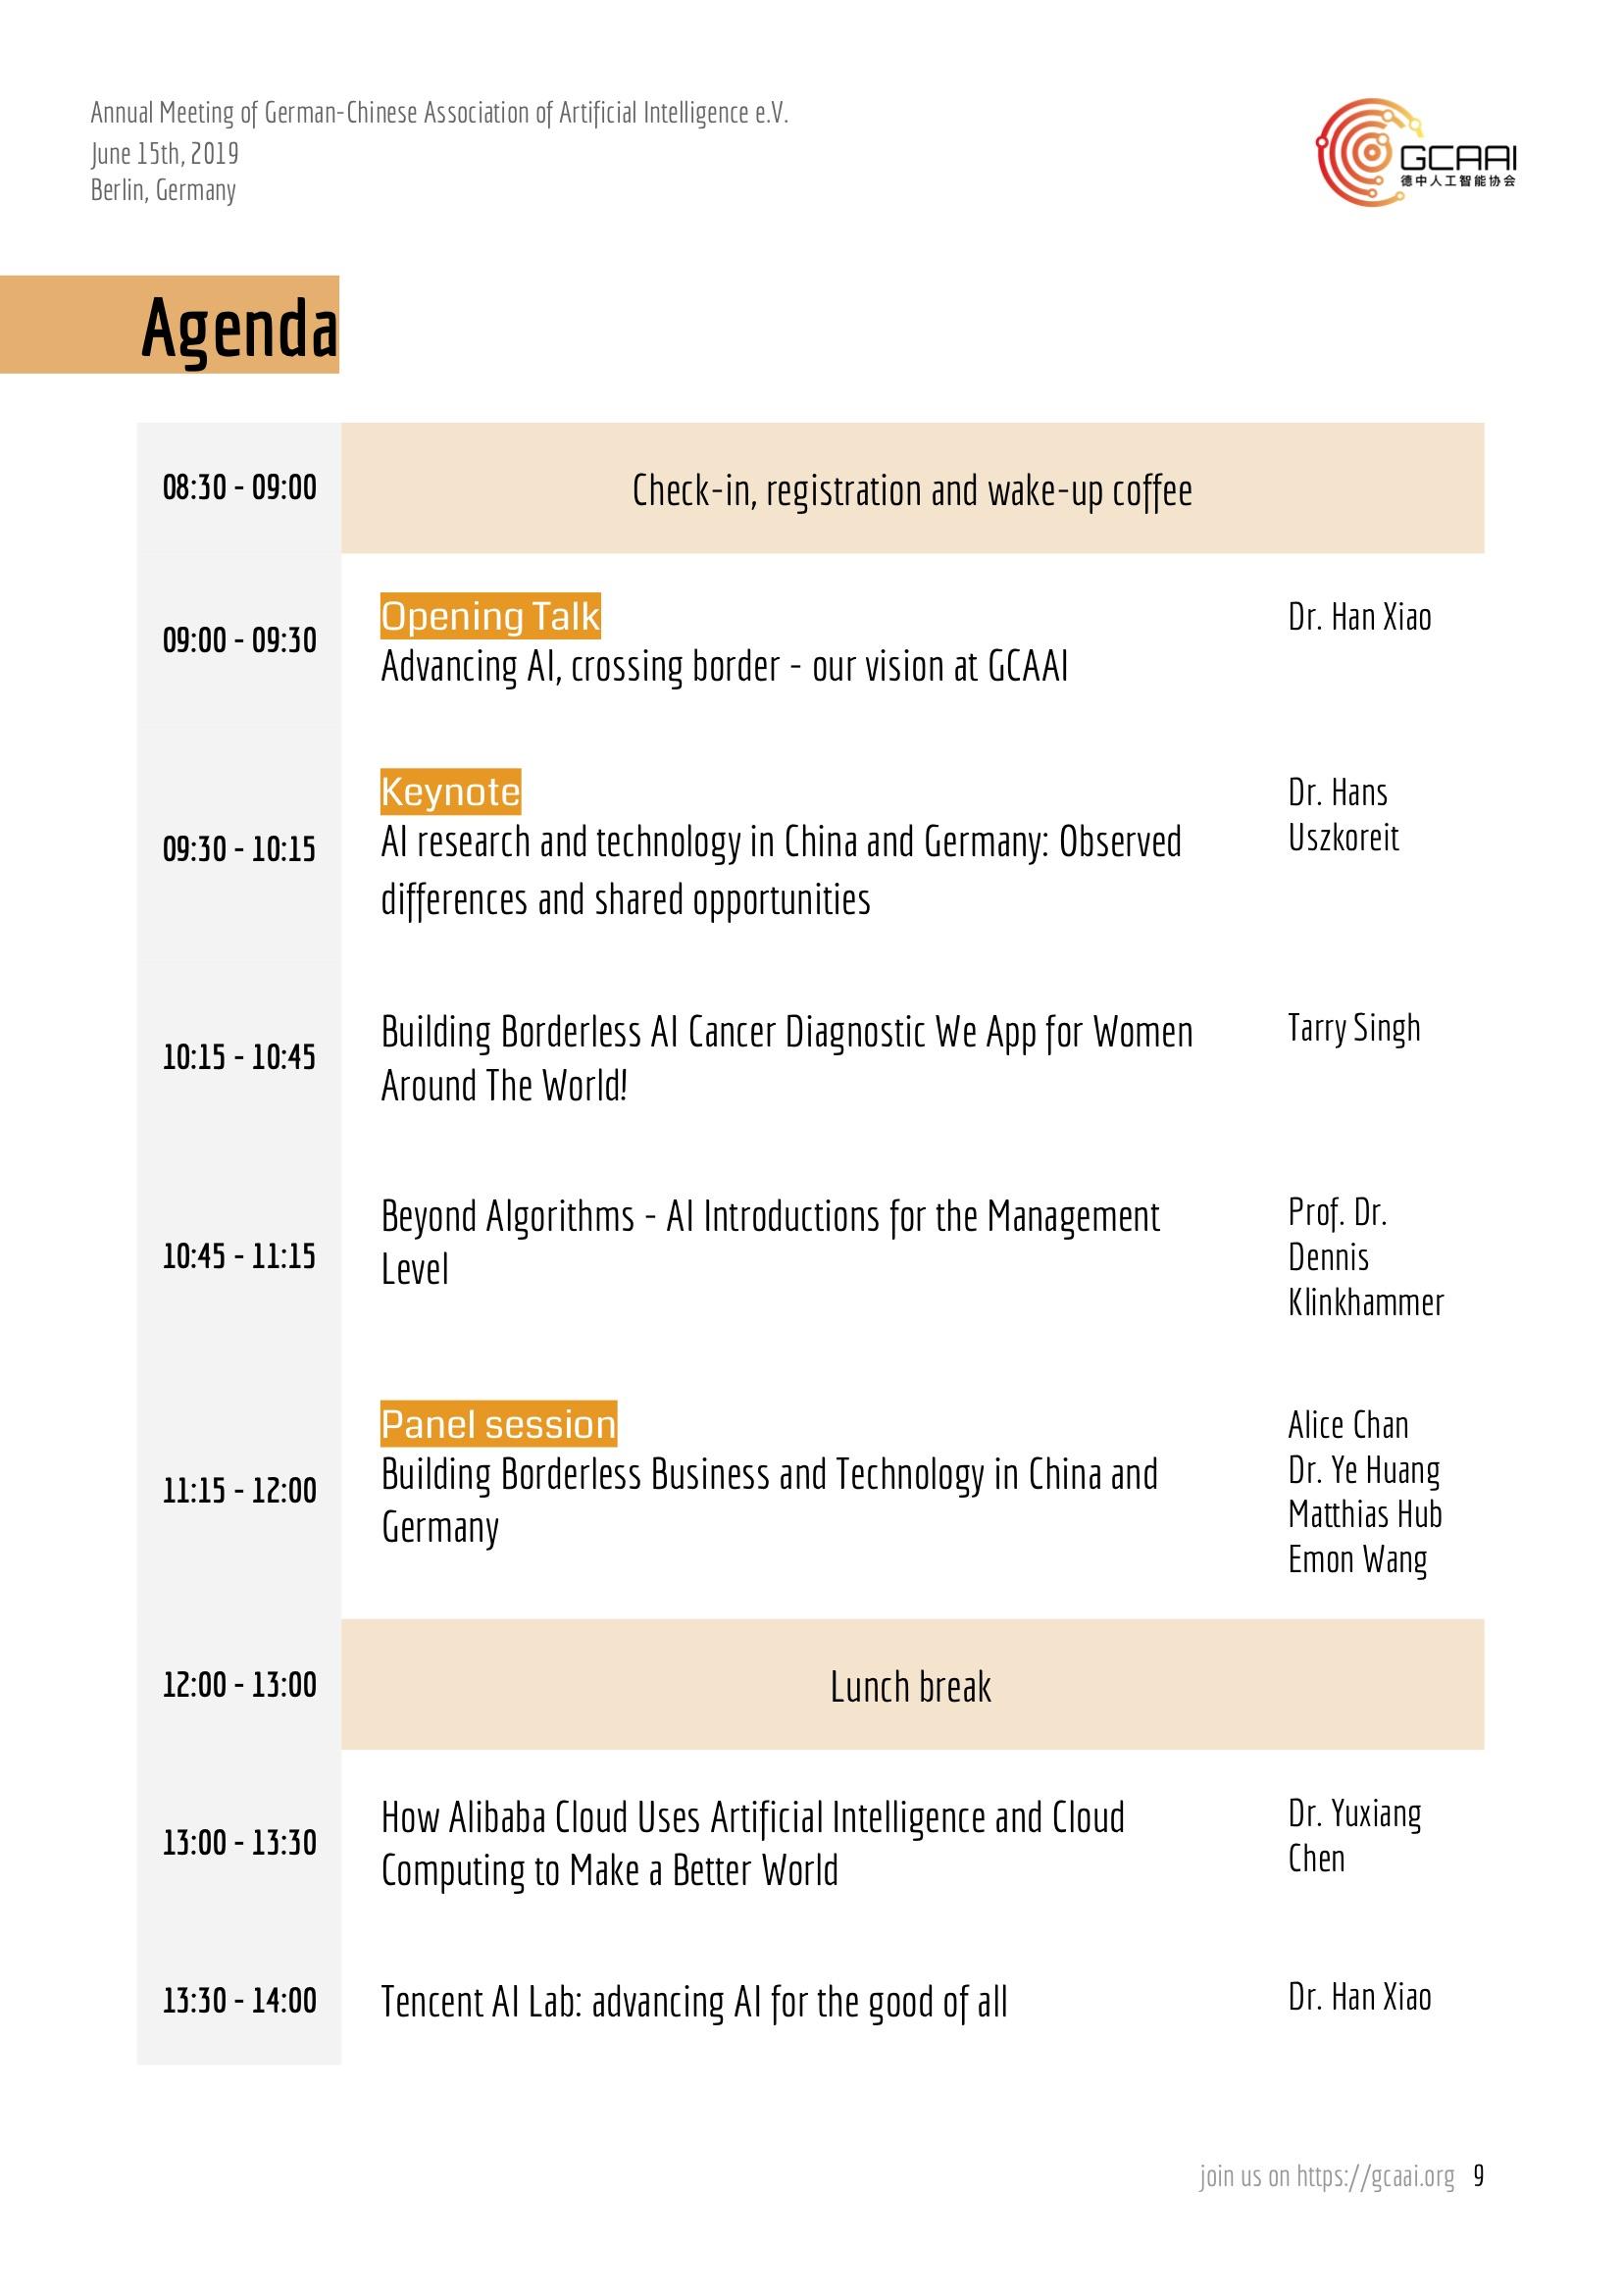 GCAAI Annual Meeting Agenda